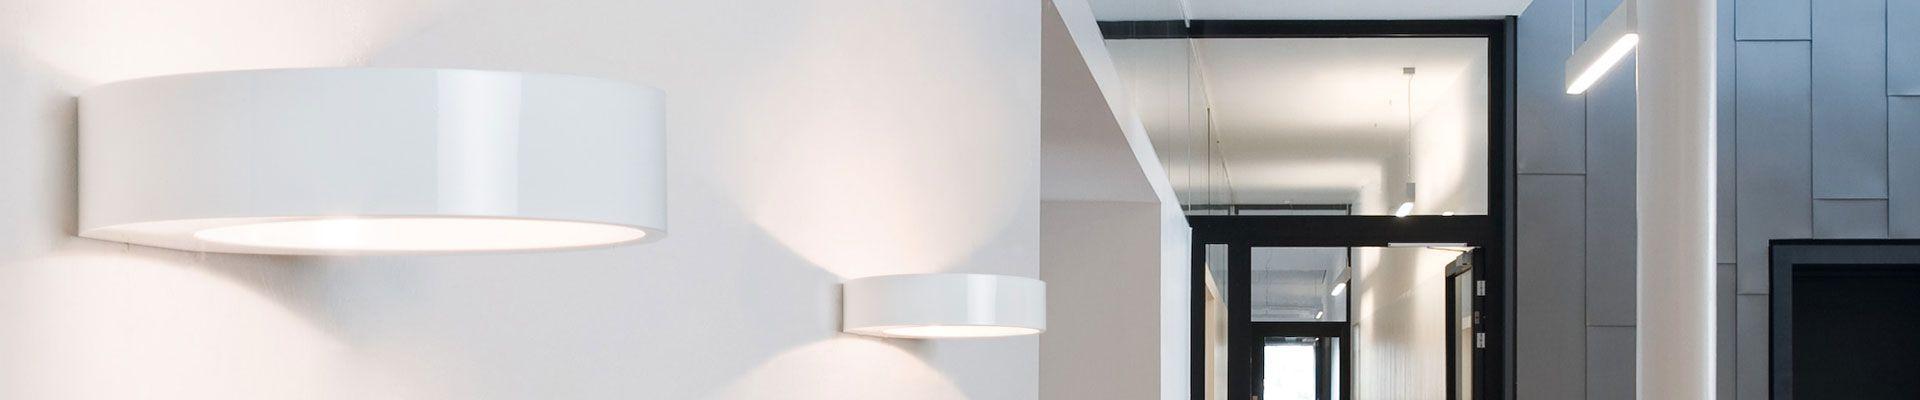 Wever & Ducré wandlampen